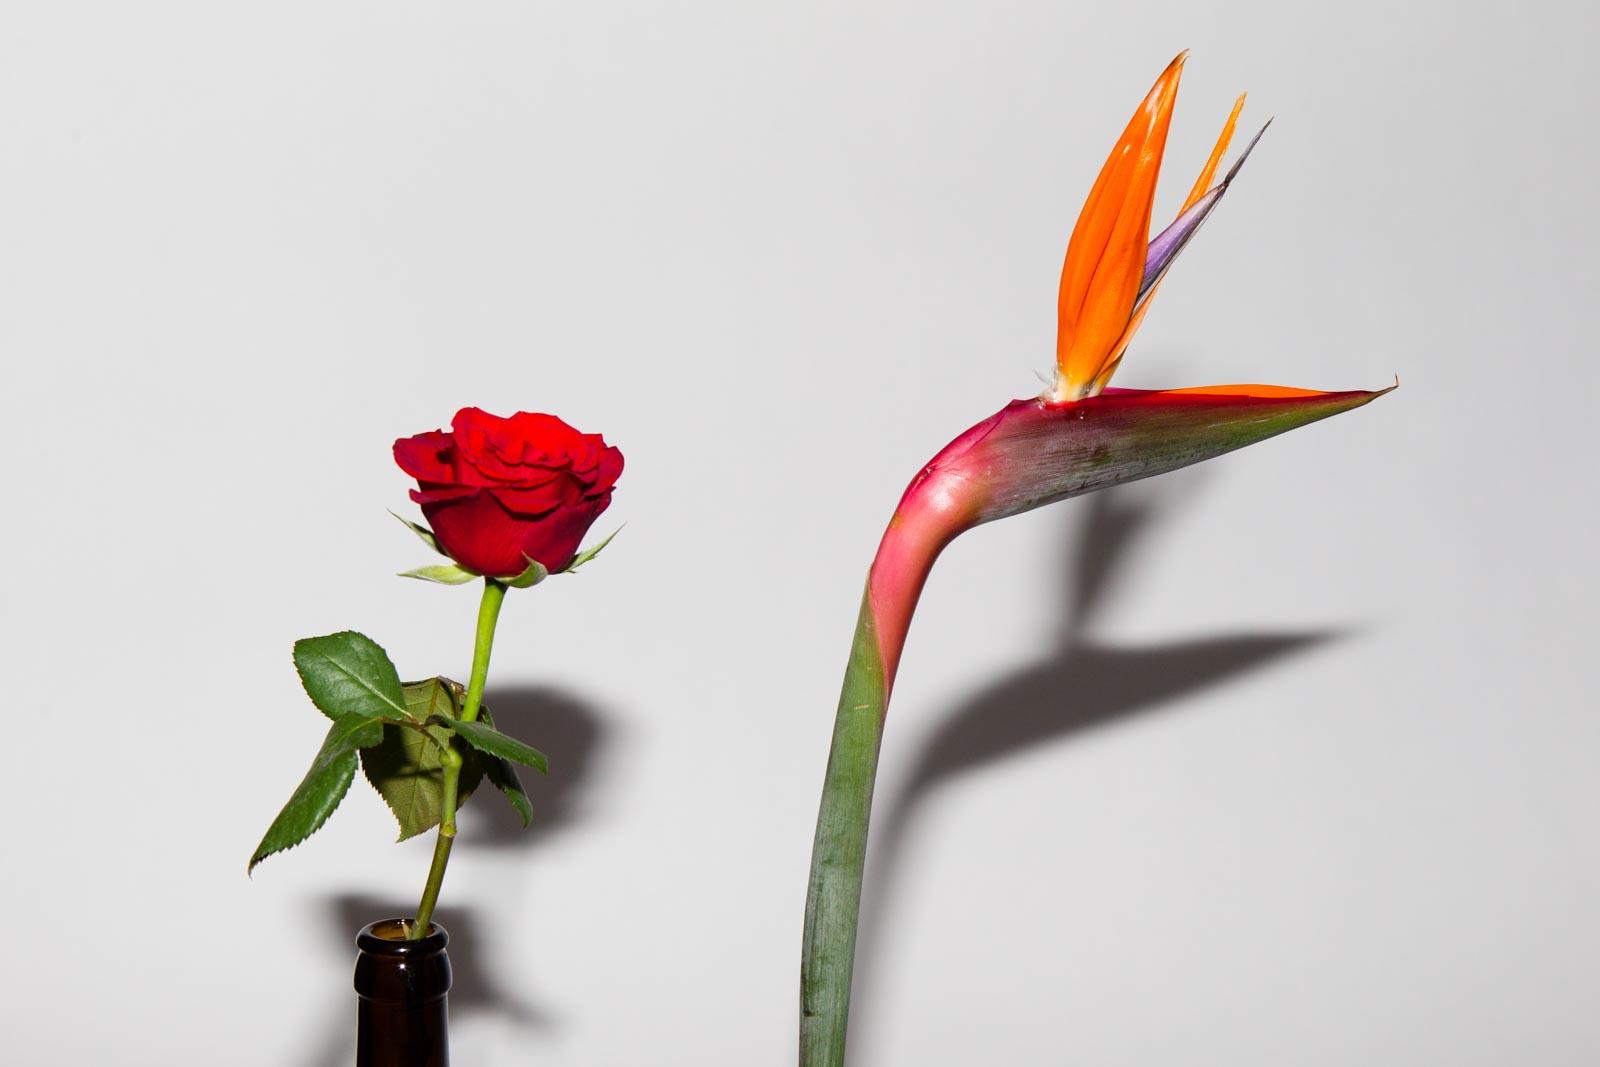 Bloemen gefotografeerd met een externe flitser recht vooruit zonder omnibounce